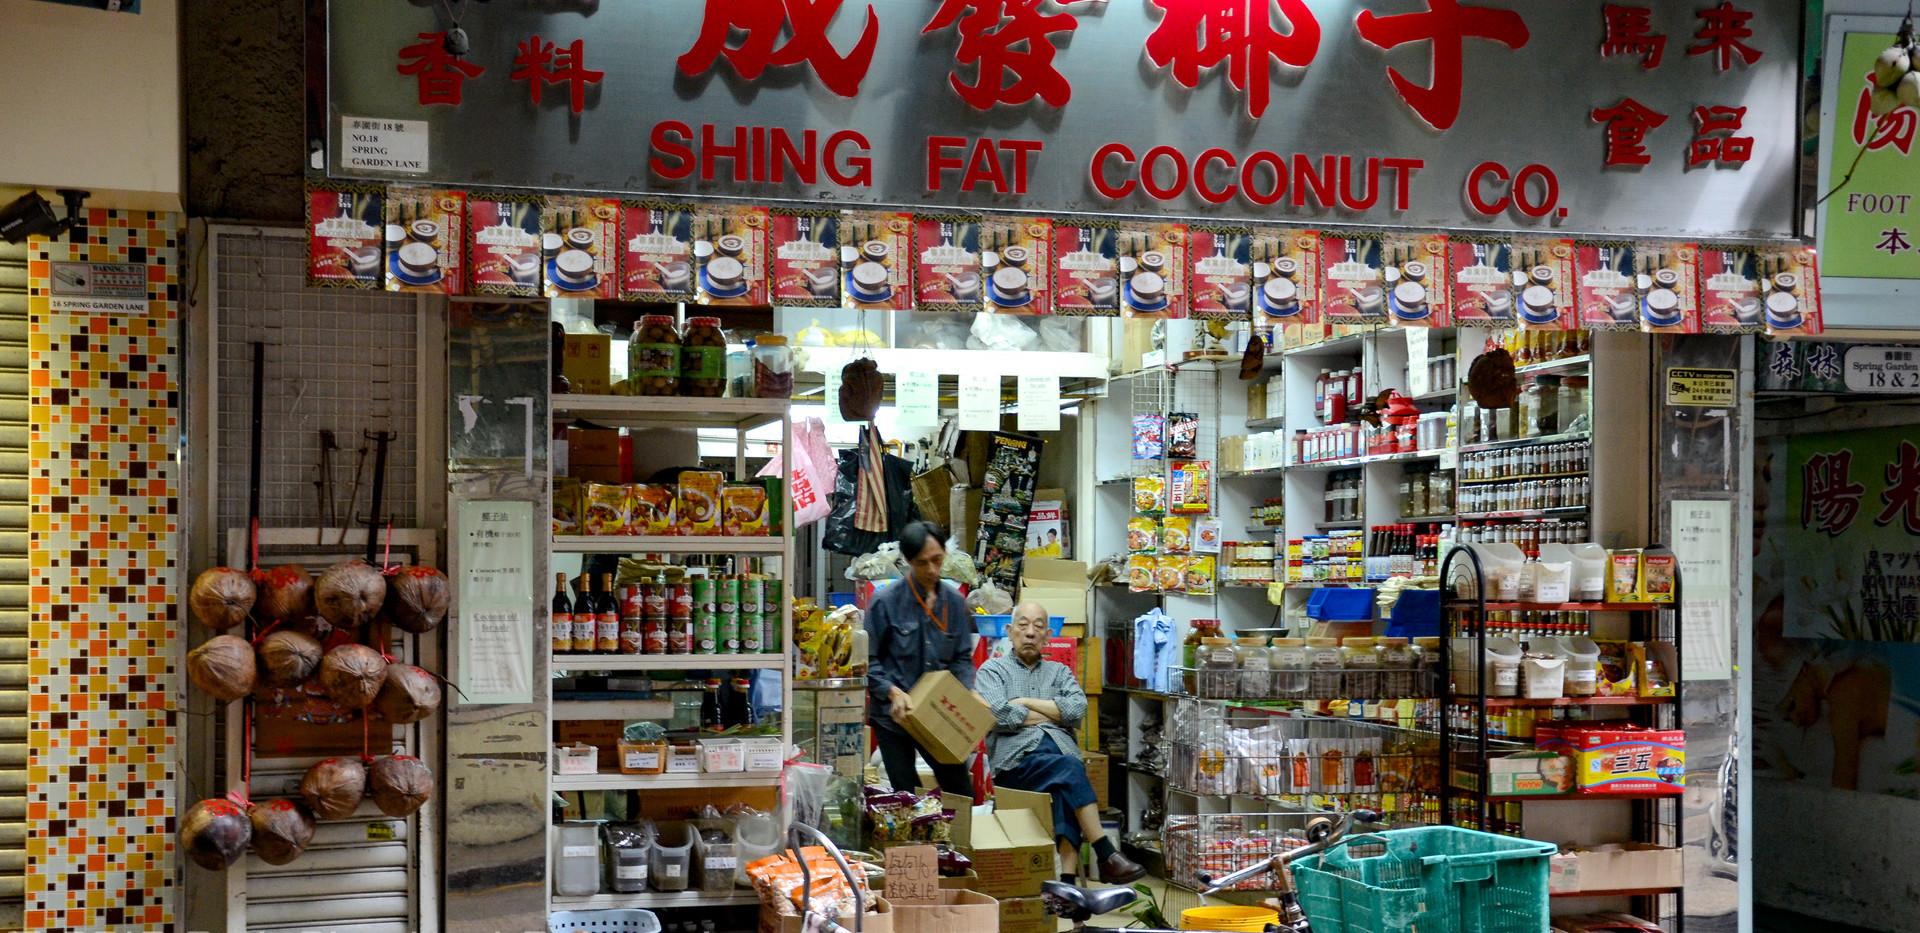 Shing Fat Coconut Company